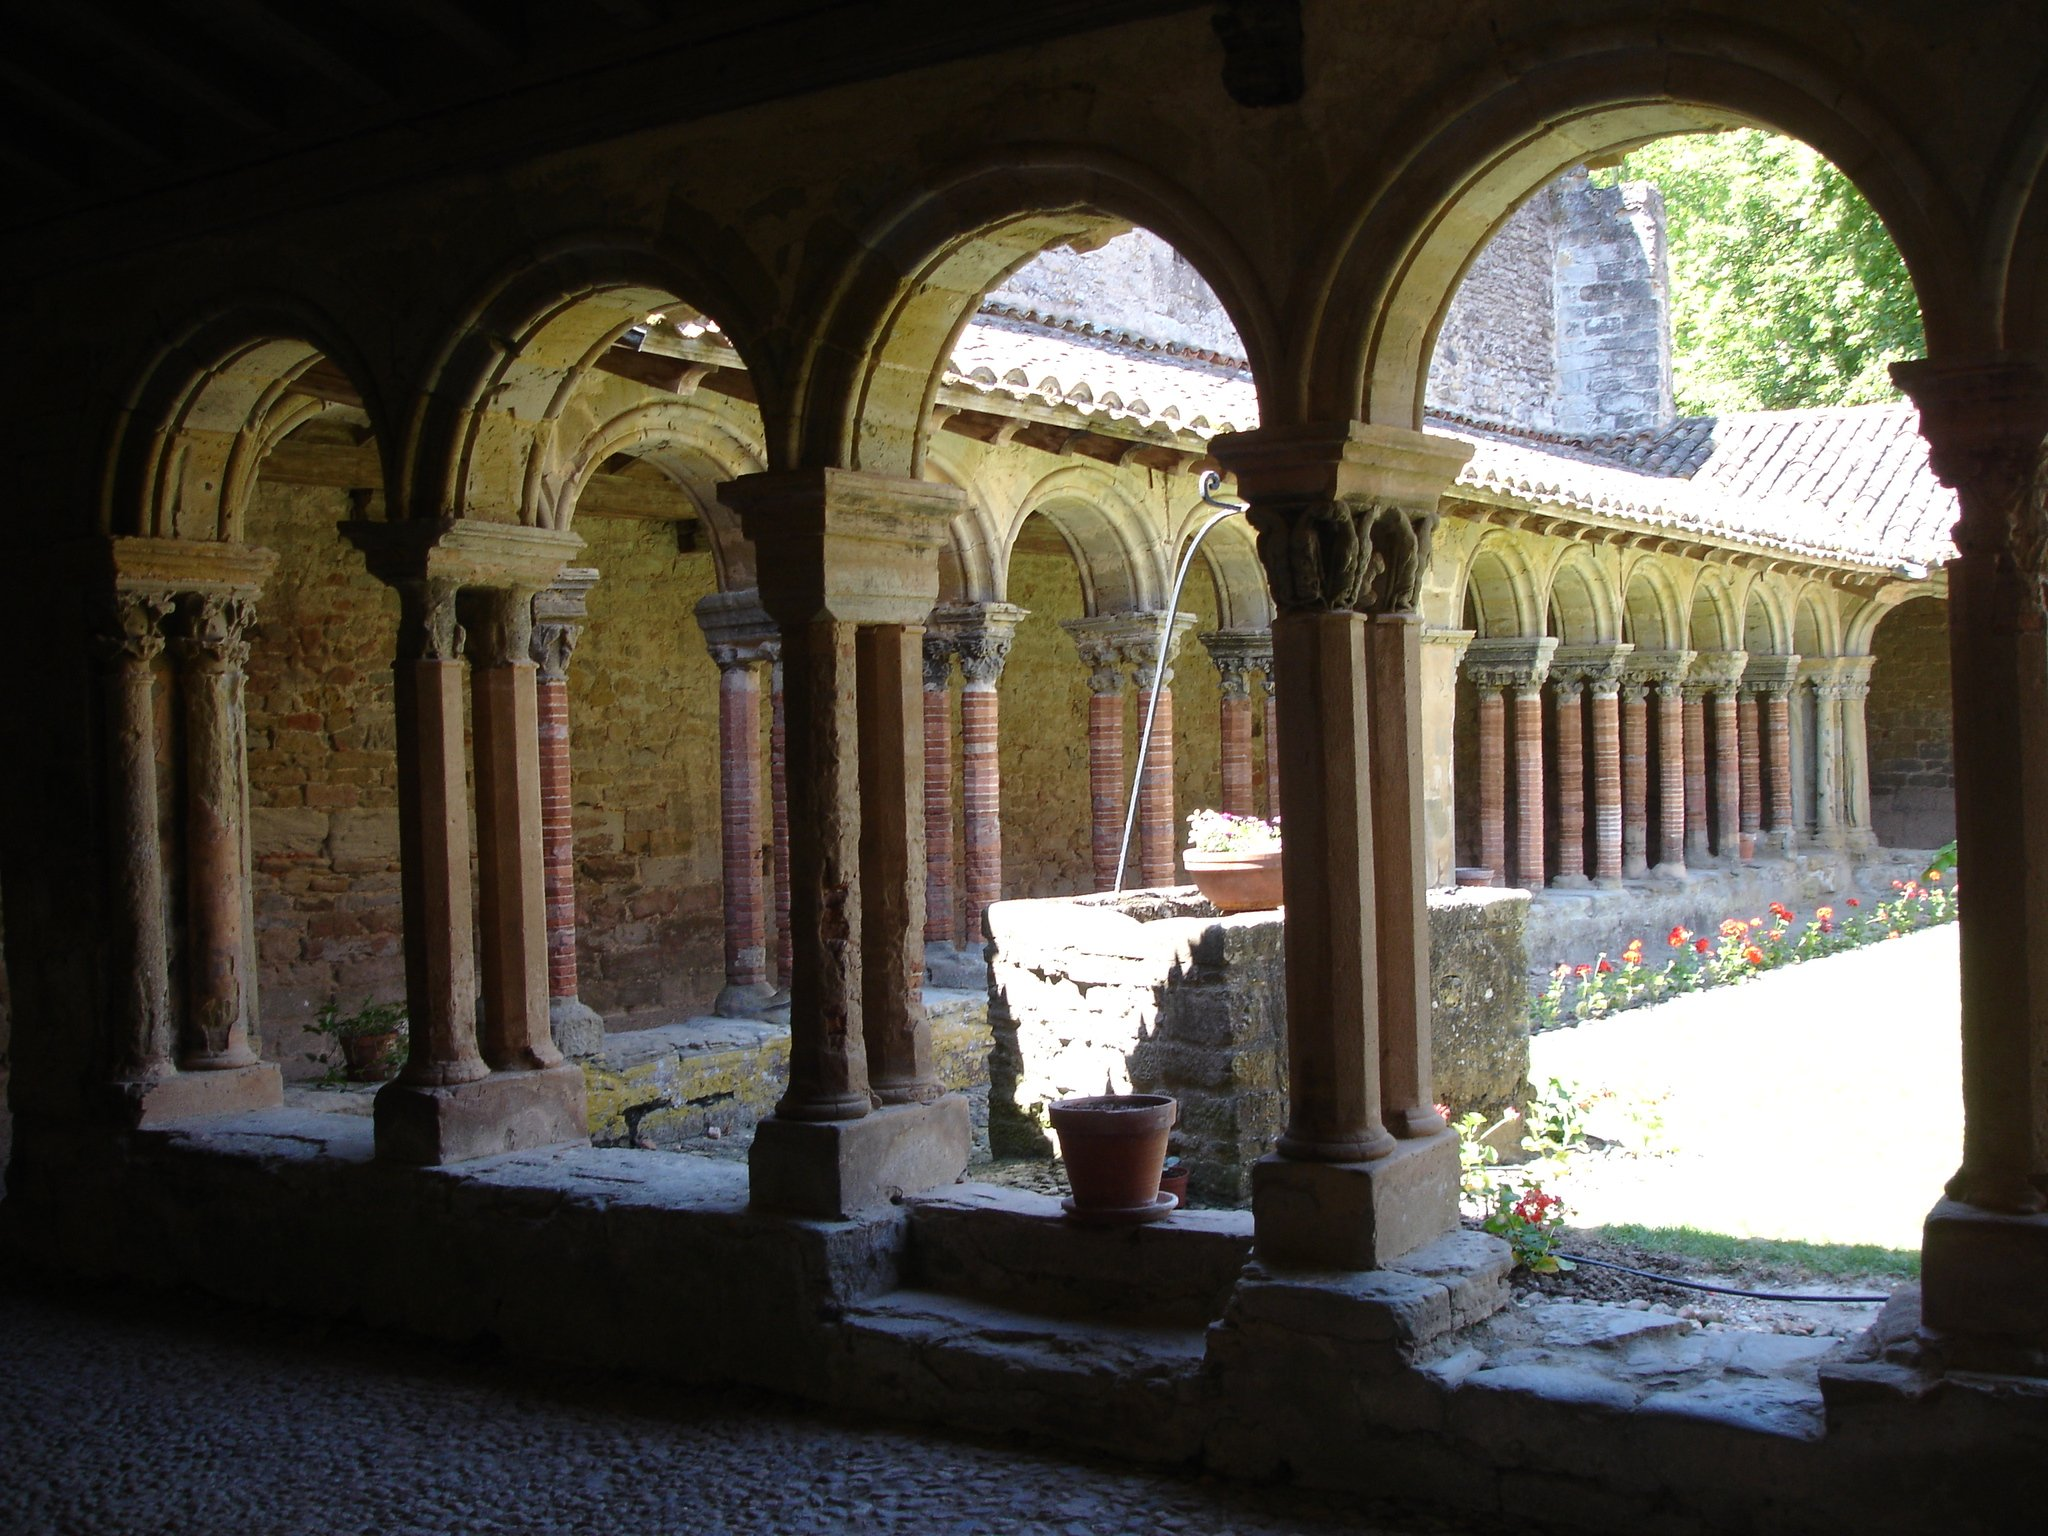 1570-abbaye-saint-papoule-cloitre-aude.jpg